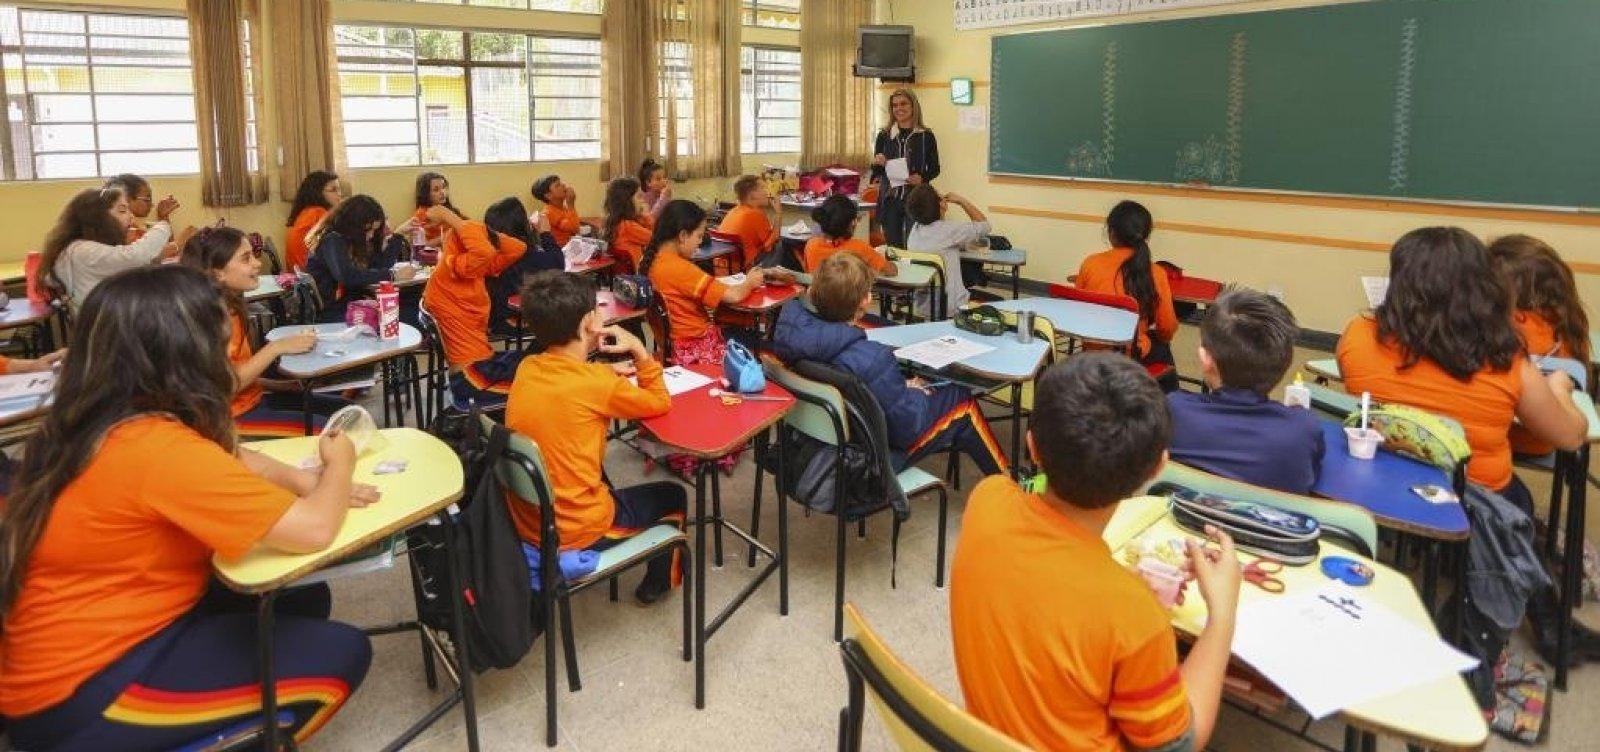 [Justiça autoriza uso de R$ 17,9 mi recuperados na Lava Jato para obras em escolas do Rio]